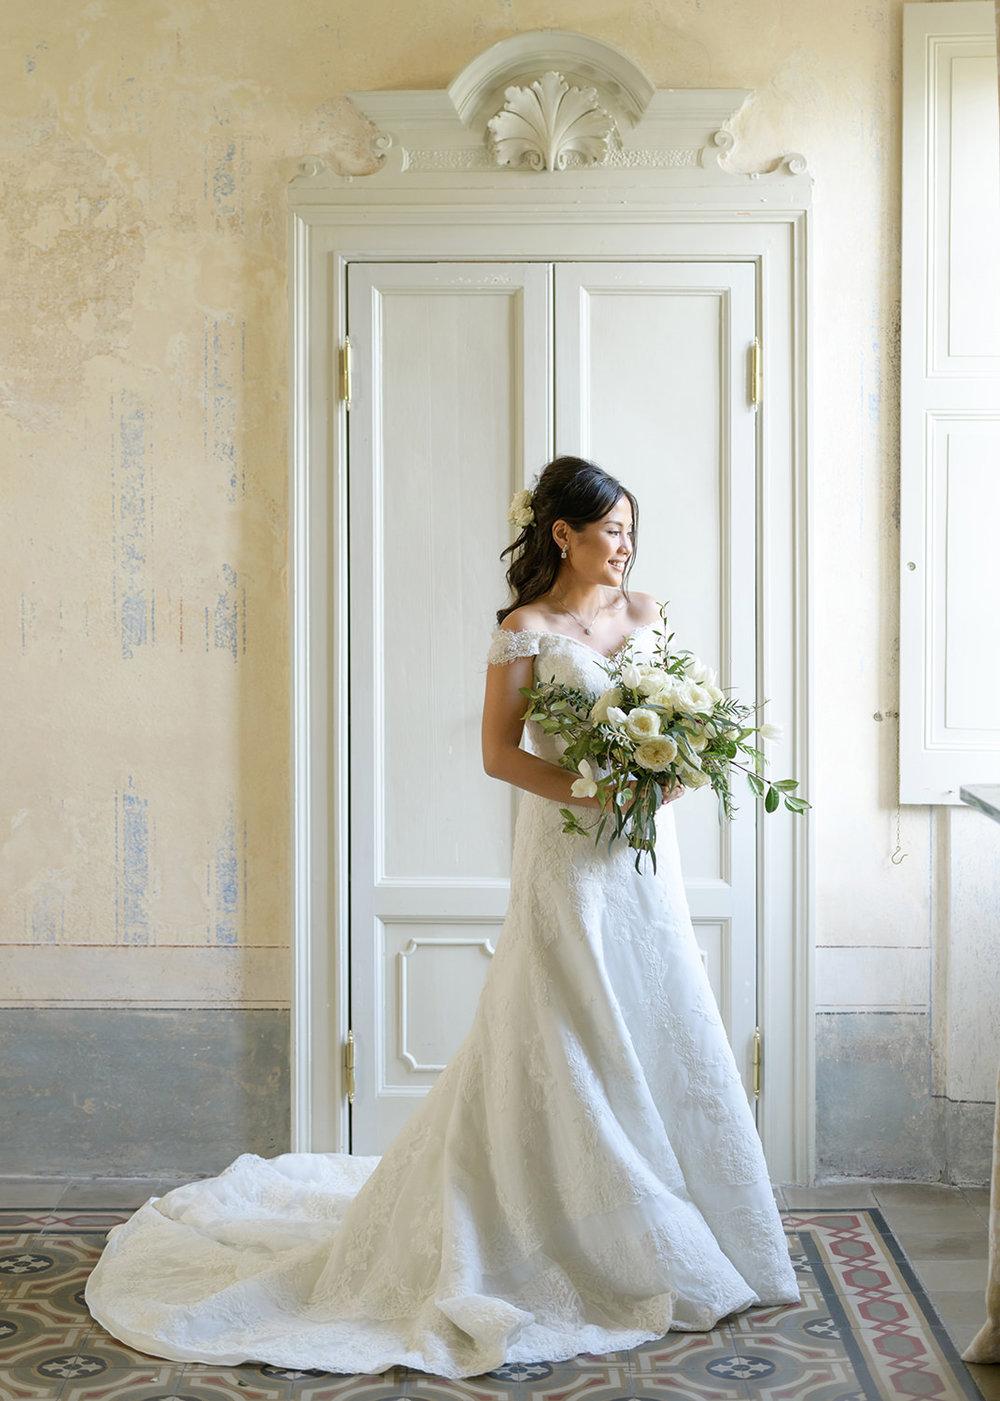 villa-regina-teodolinda-wedding-photographer-C&B-©bottega53-45.JPG